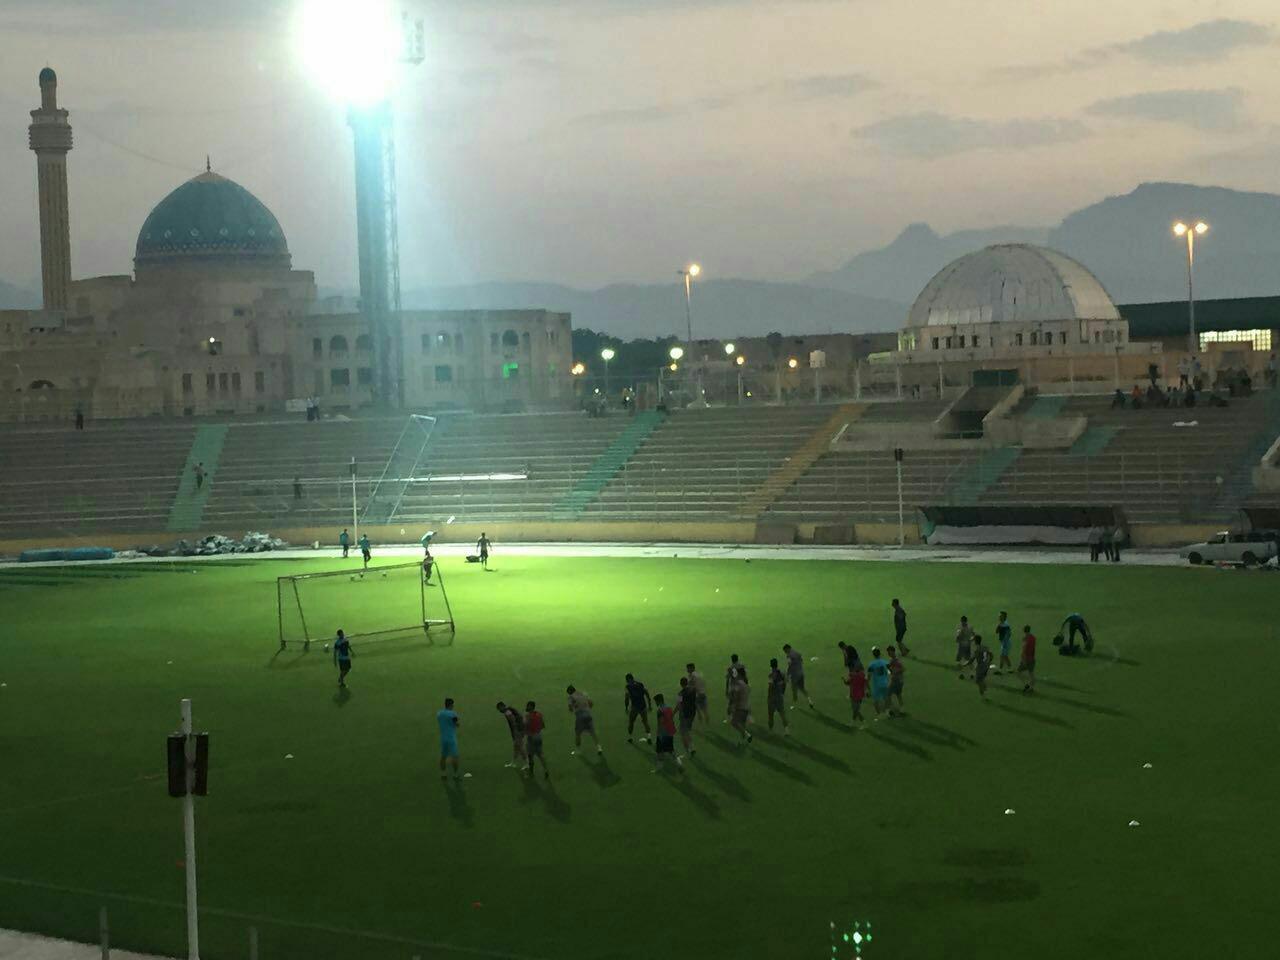 نور بسیار پایین ورزشگاه لیگ برتری +عکس